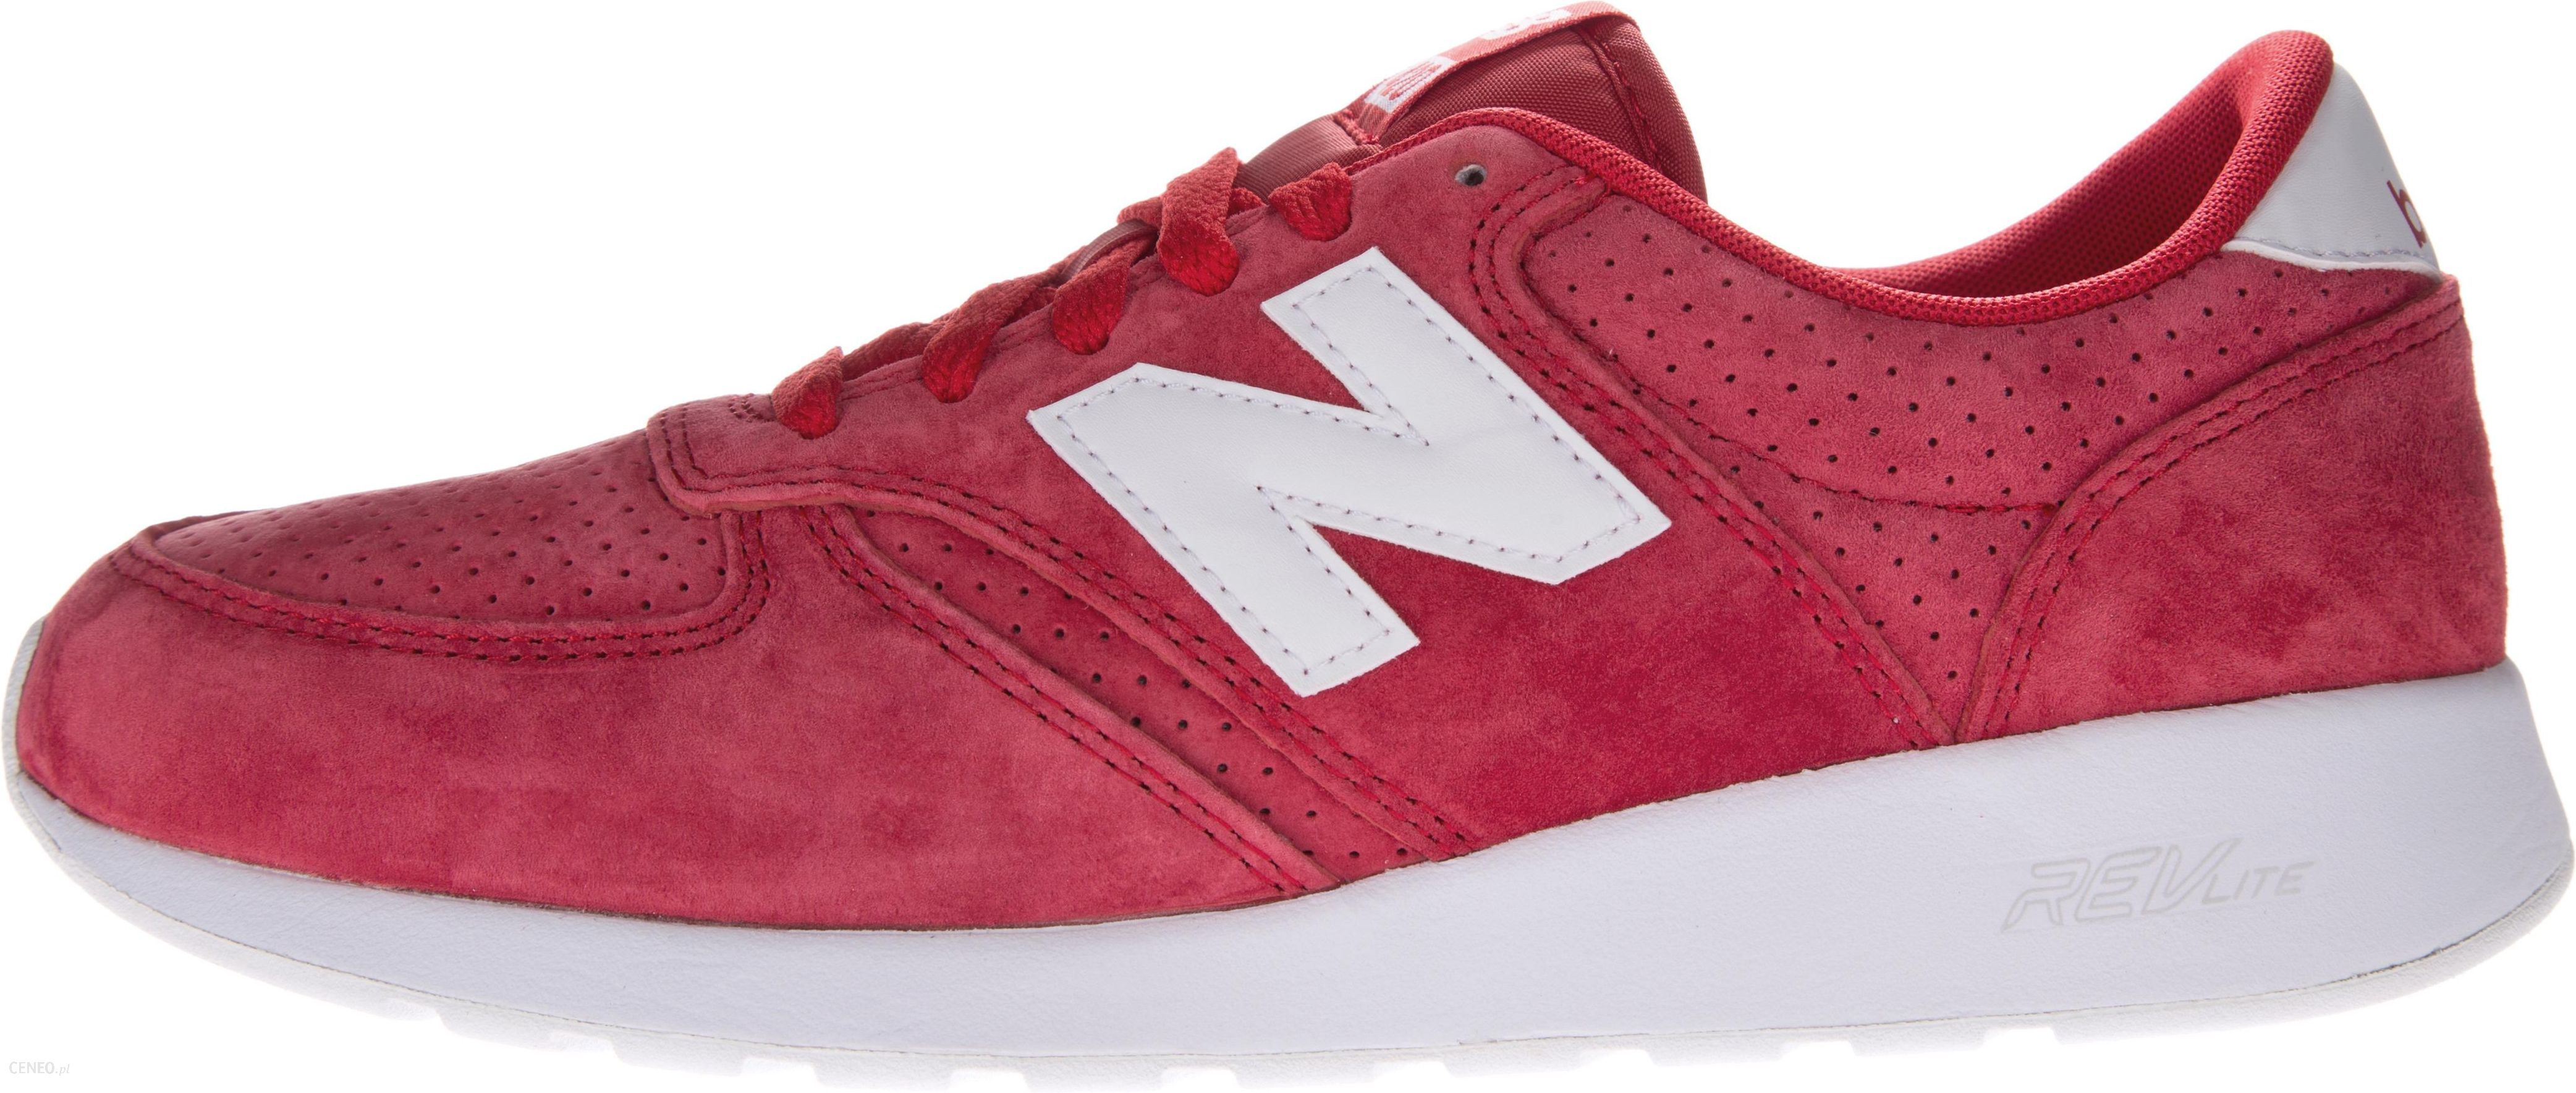 new balance u420 czerwone